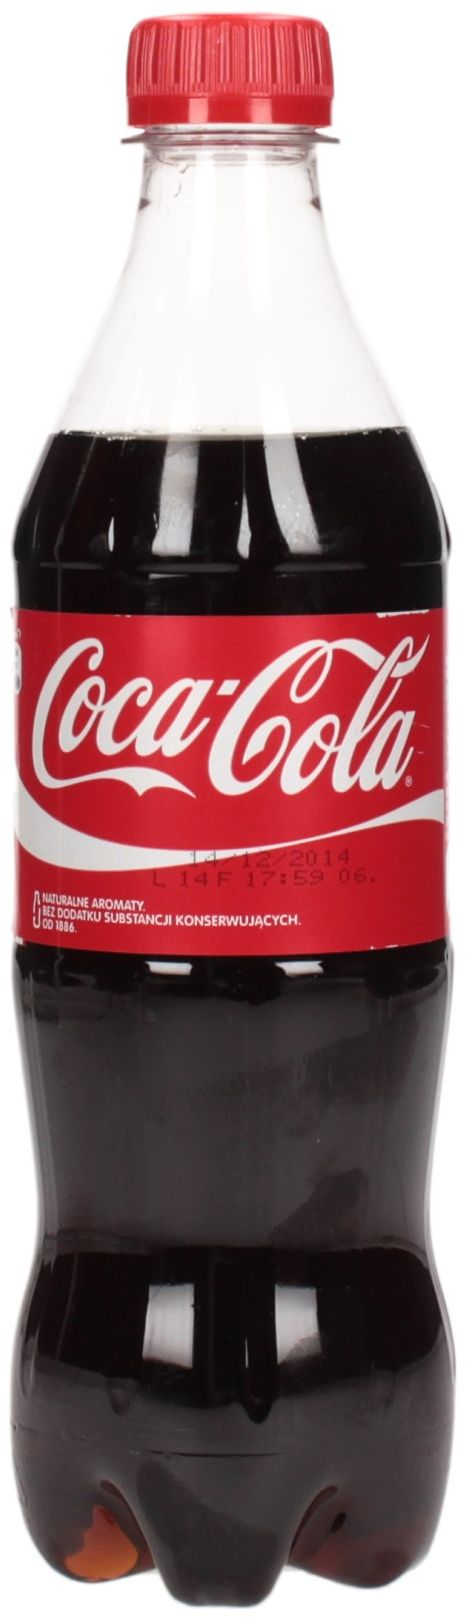 Napoj 0.5l Coca-Cola butelka